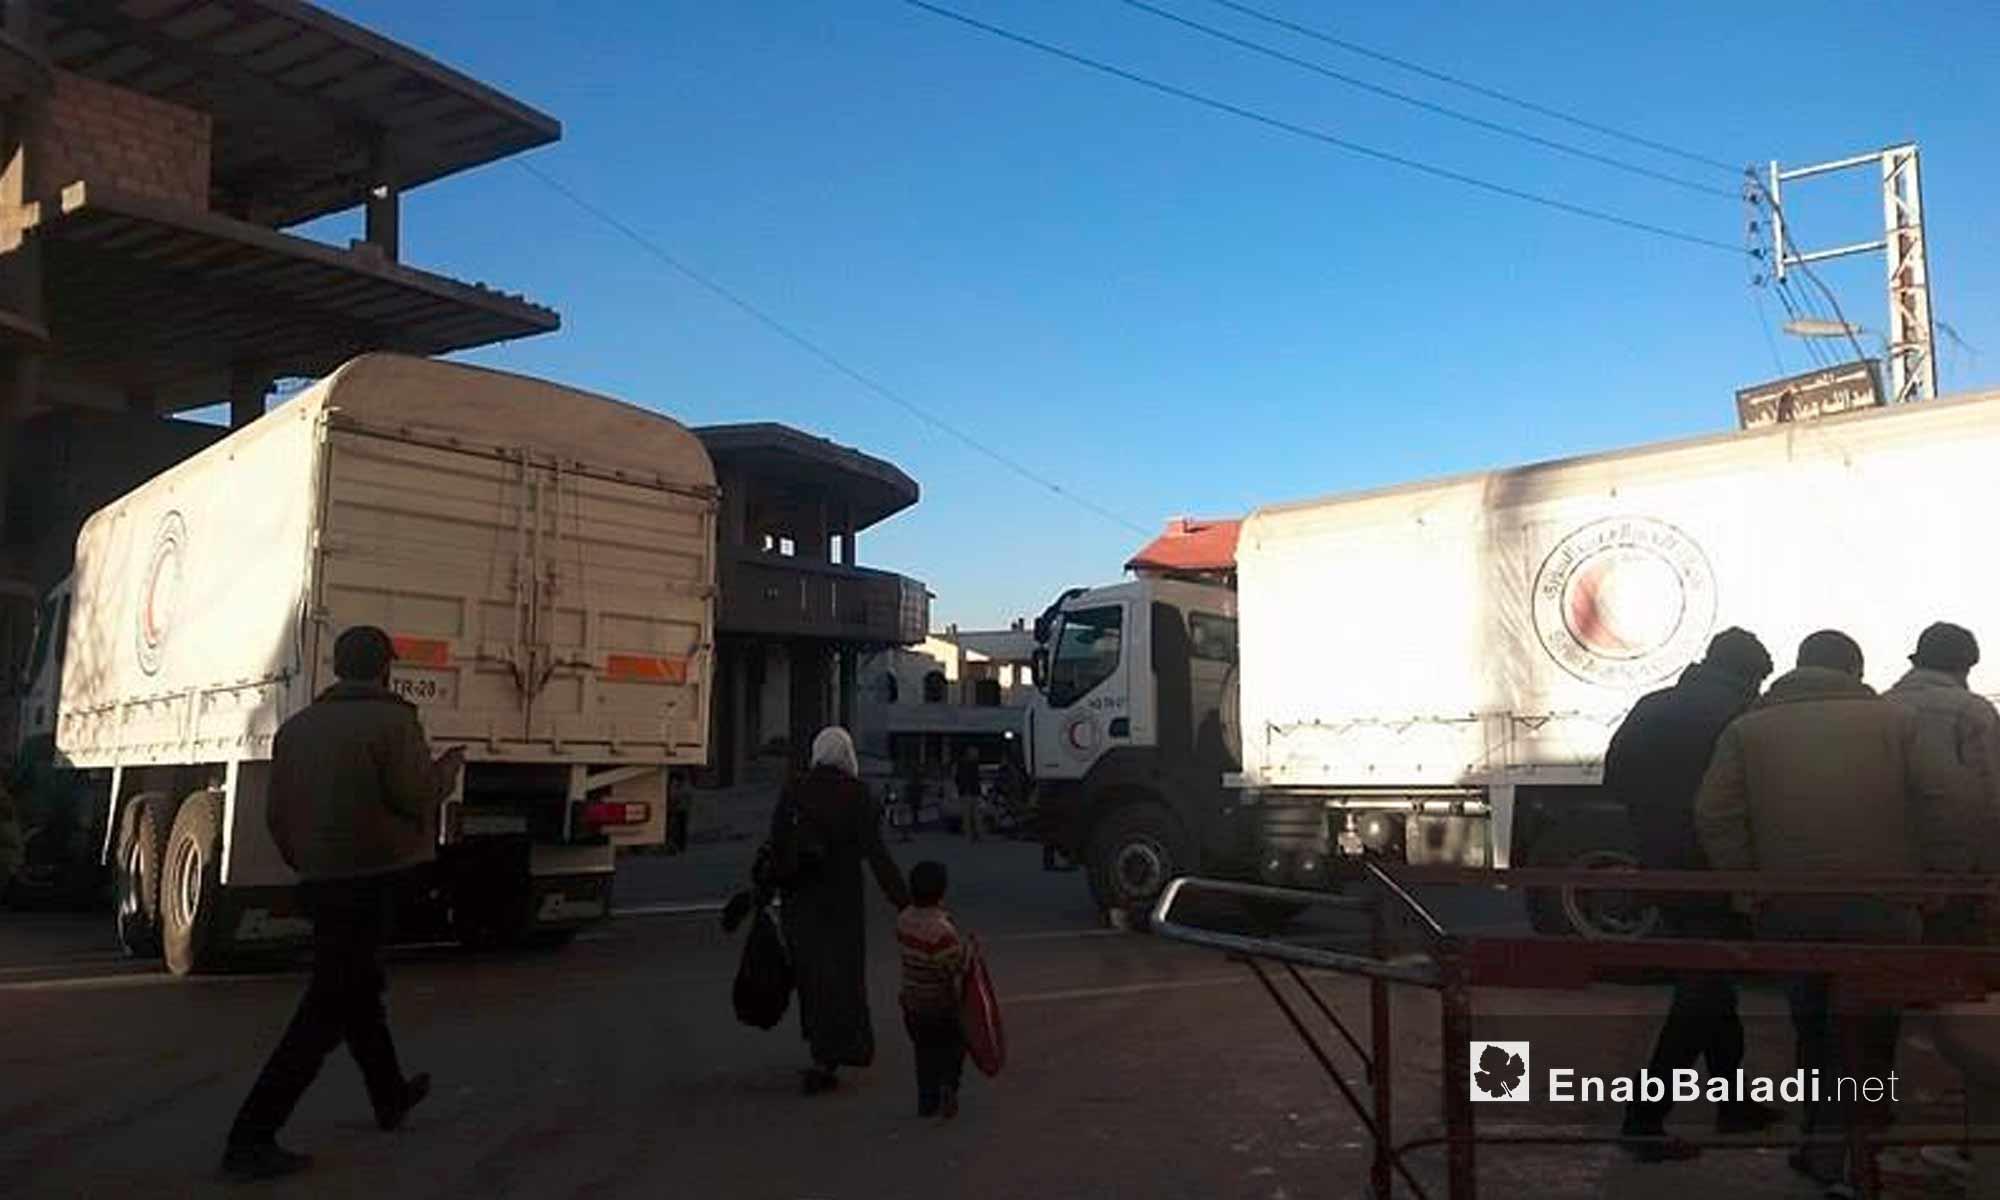 الأهالي قوب سيارات المساعدات داخل بلدة مضايا في ريف دمشق - 28 تشرين الثاني 2016 (عنب بلدي)